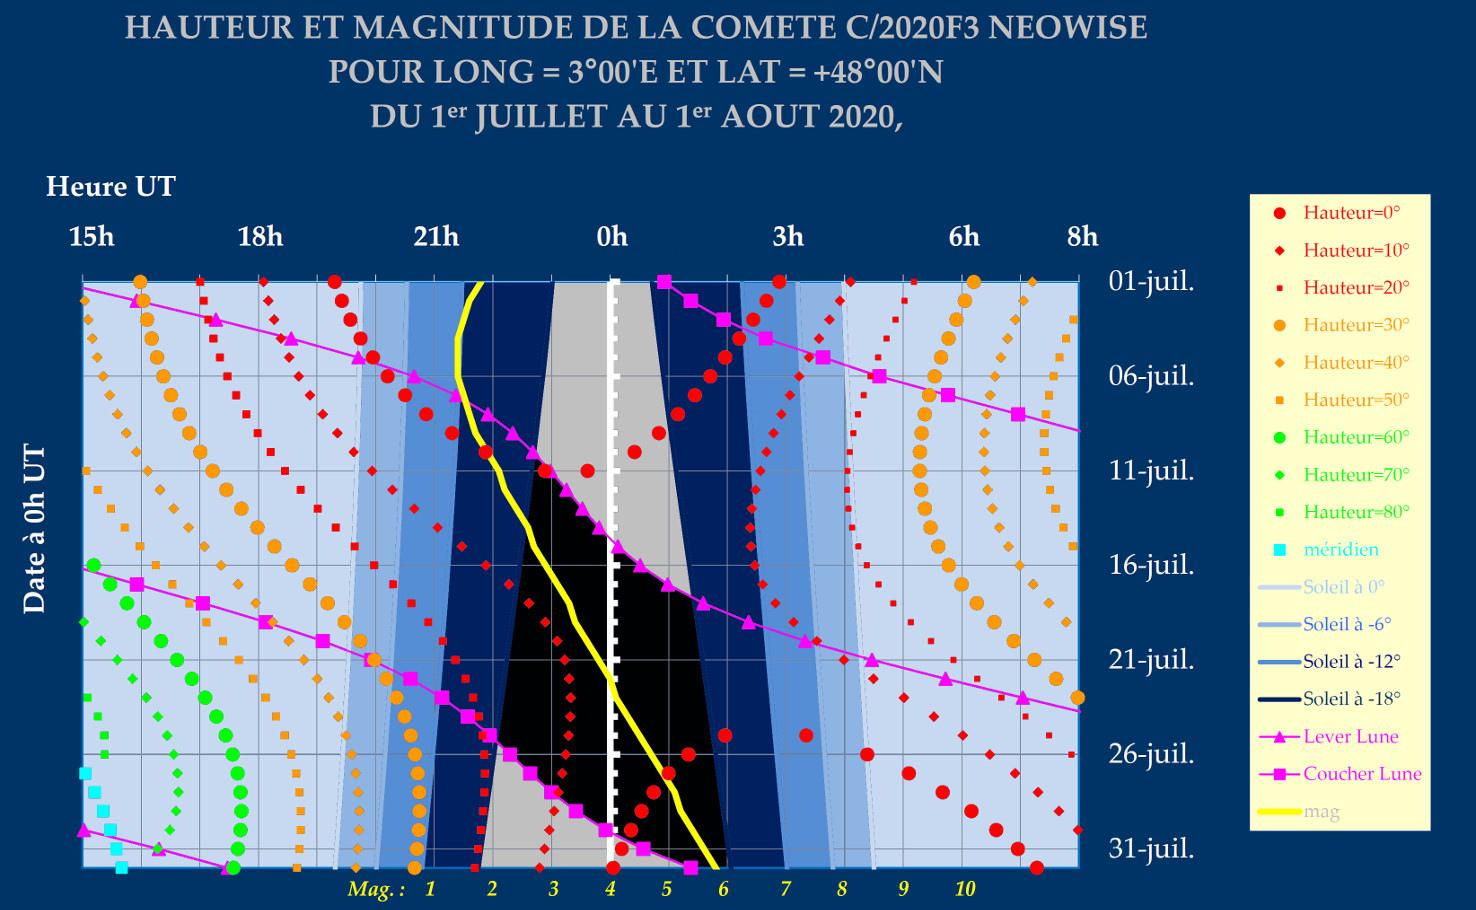 VISIBILITE_NEOWISE_2020F3_3E_48N.jpg